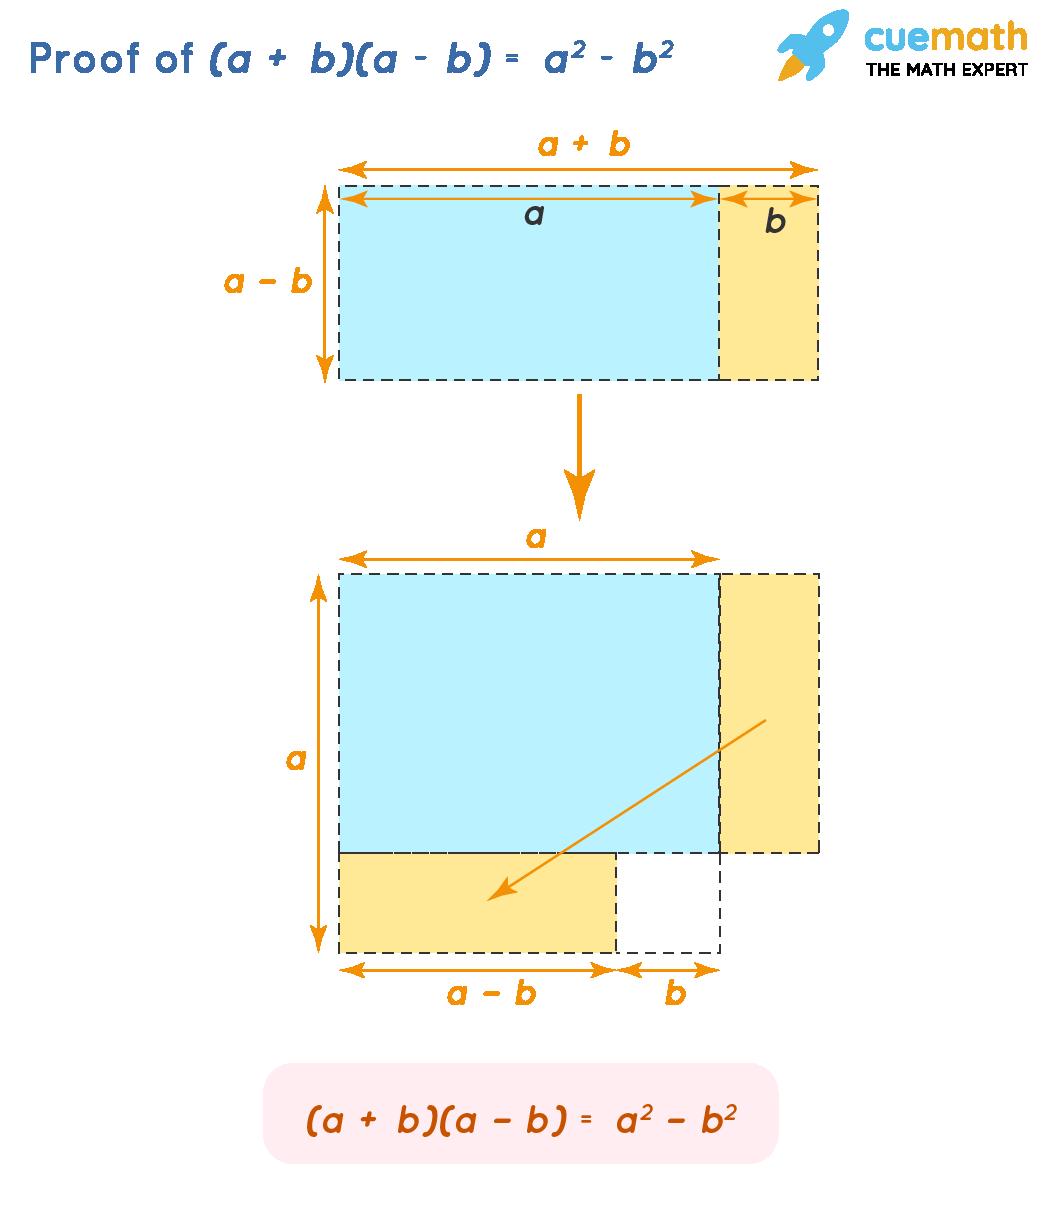 Proof of (a + b)(a − b) = a^2 − b^2